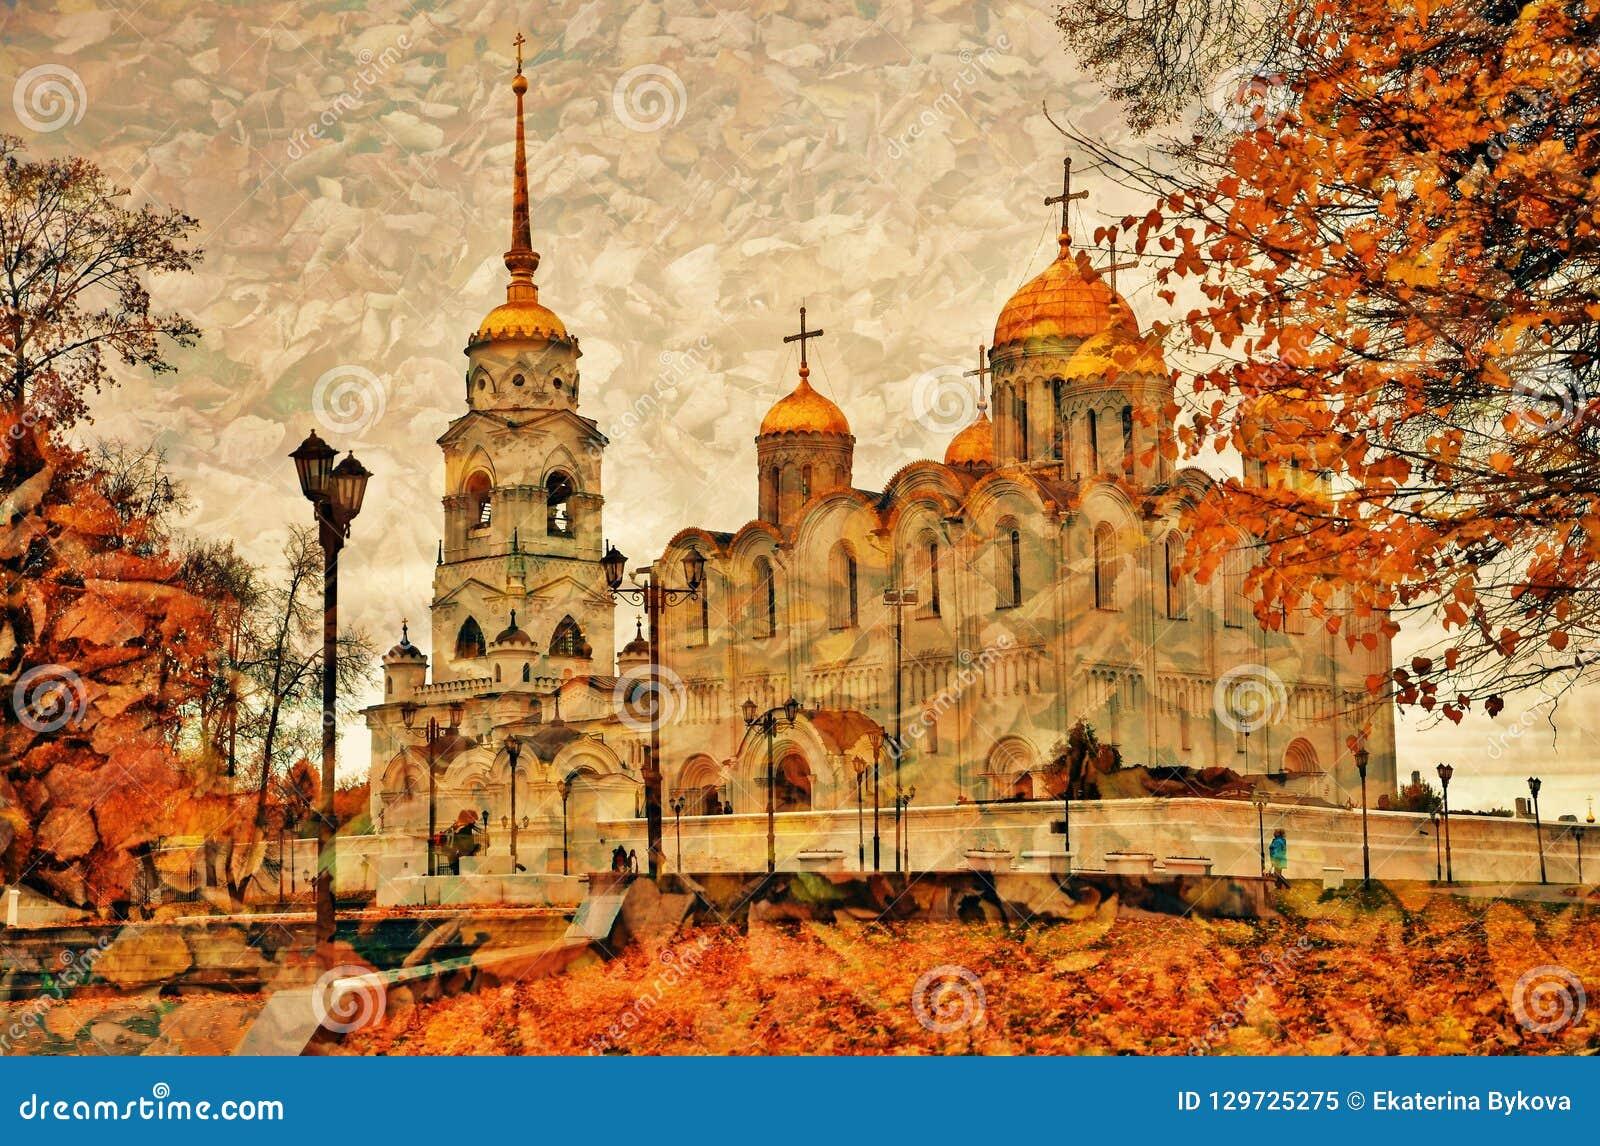 Cathédrale d hypothèse dans Vladimir, Russie Collage artistique d automne